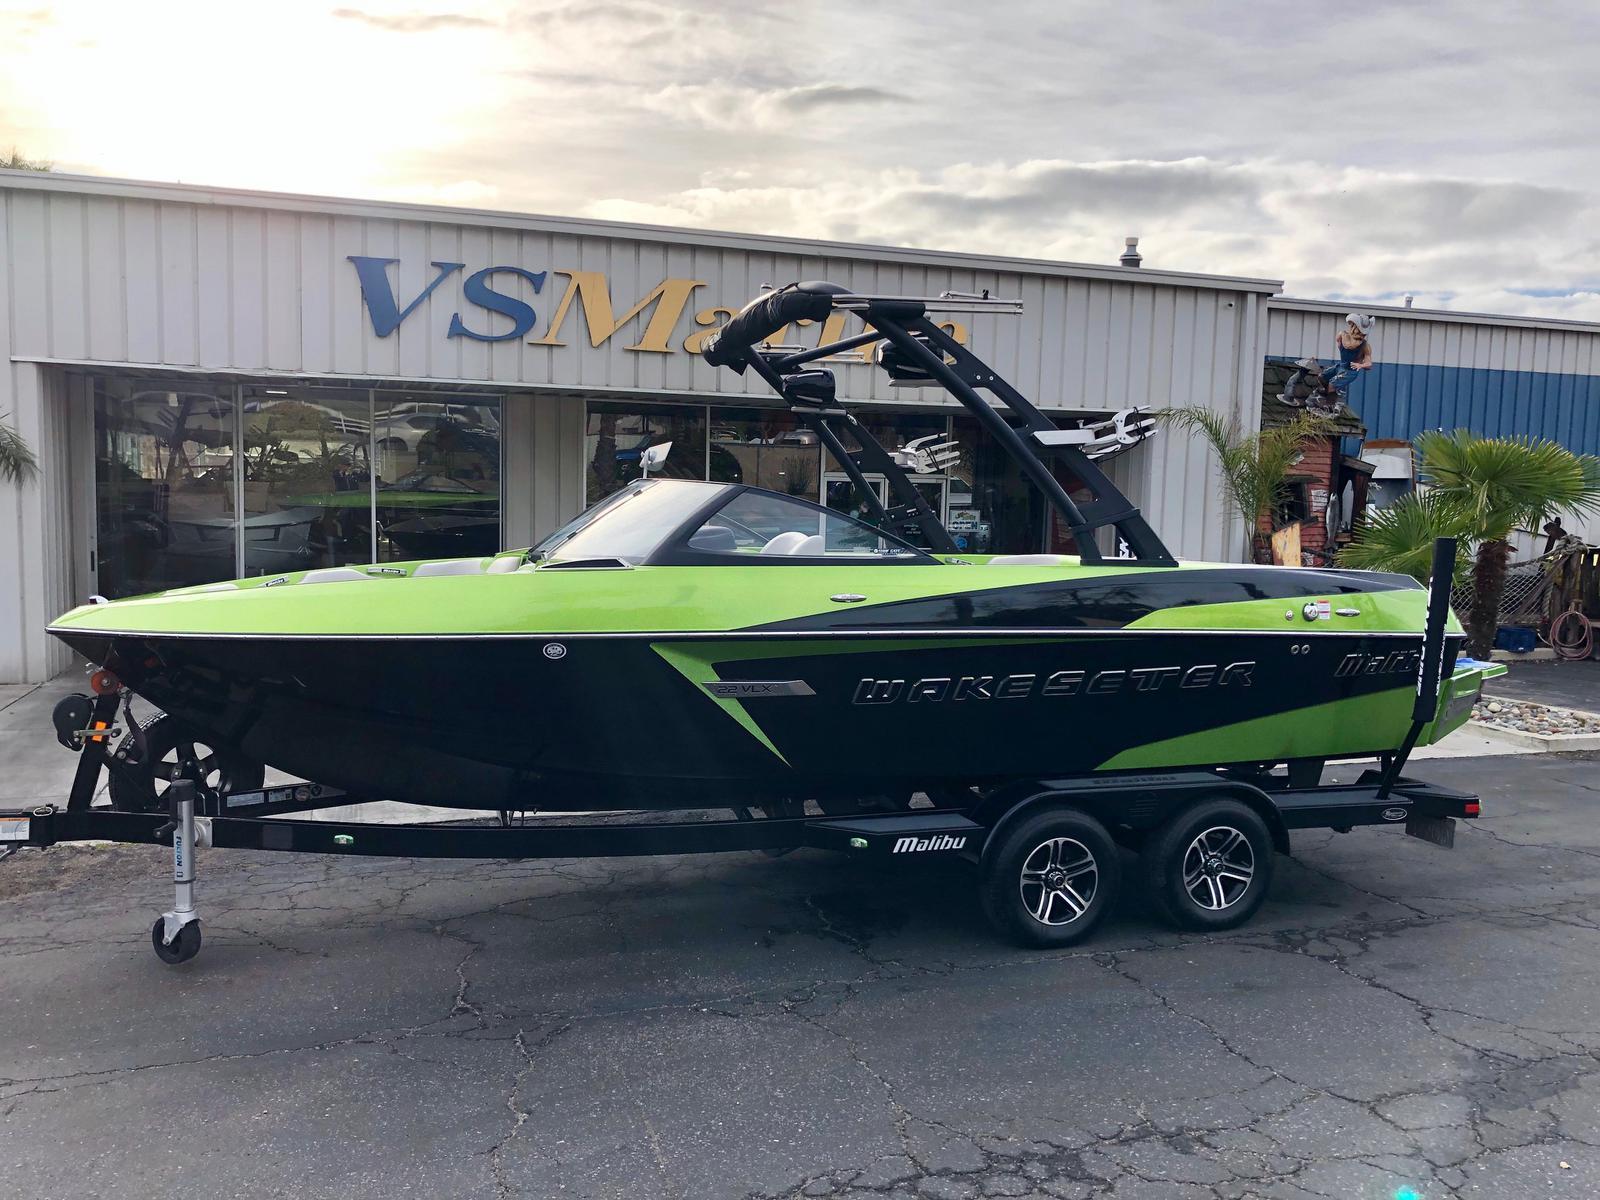 Malibu 22VLX